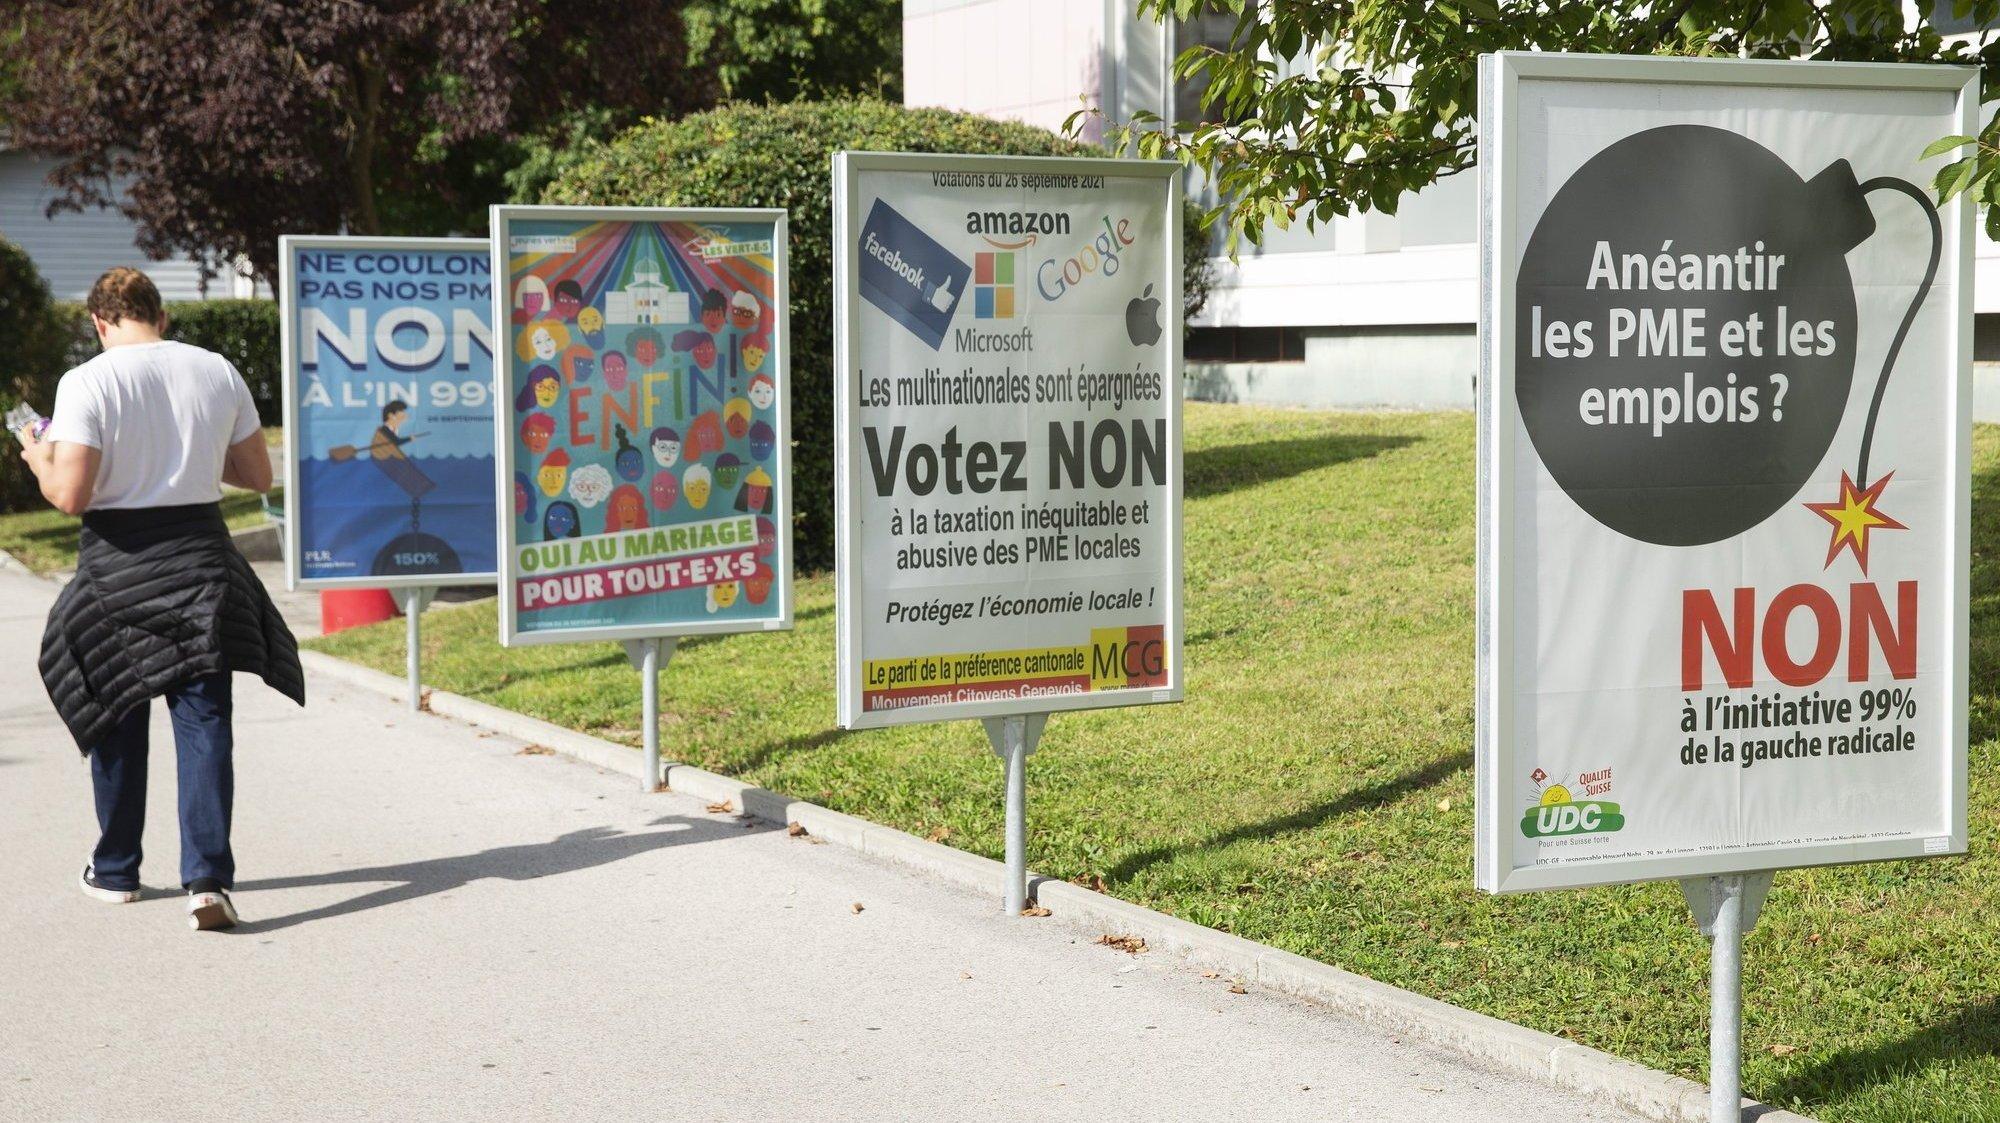 Initiative 99%: seule La Chaux-de-Fonds dit oui